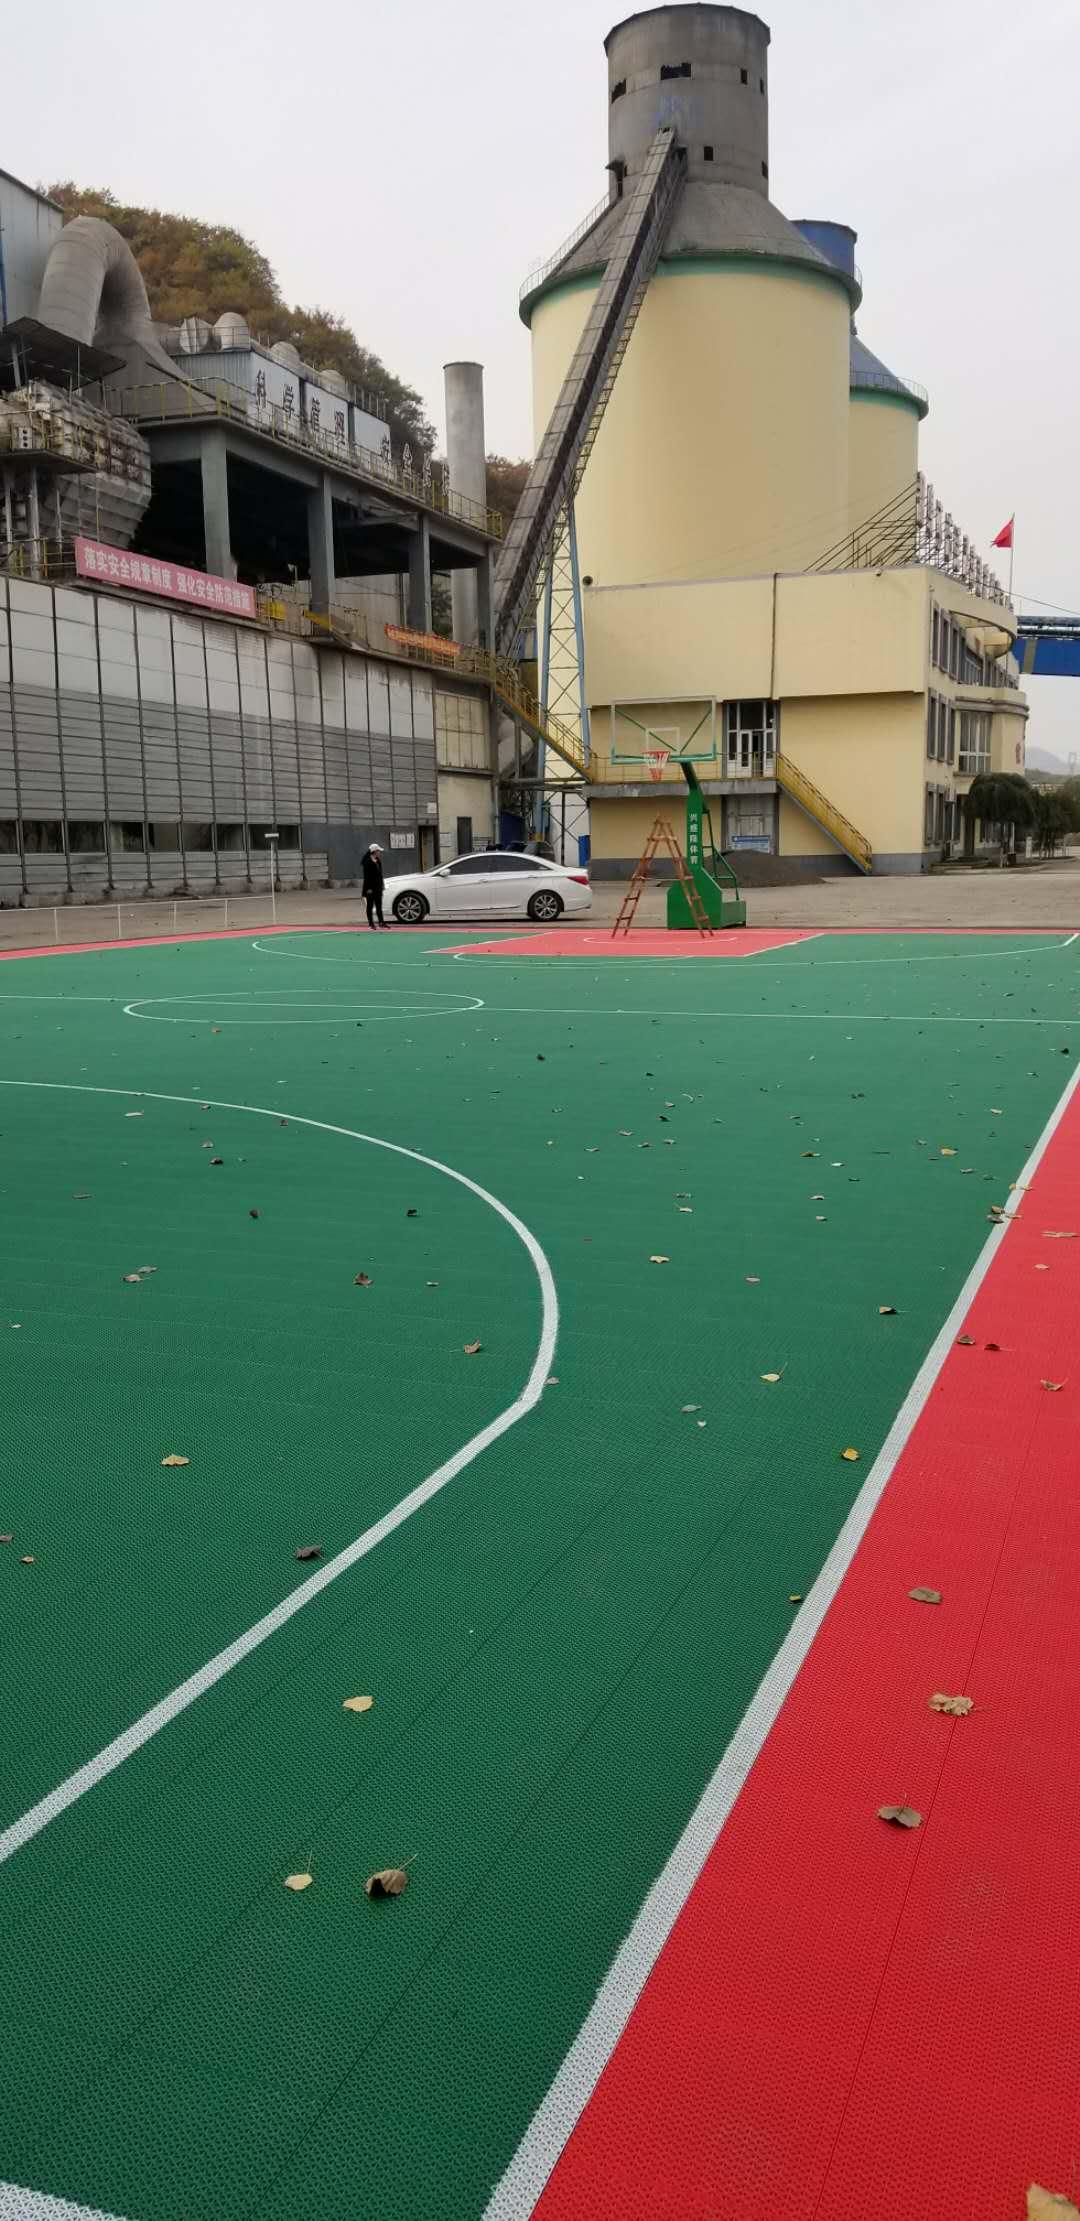 本溪山水工源水泥厂悬浮千赢国际客户端篮球场